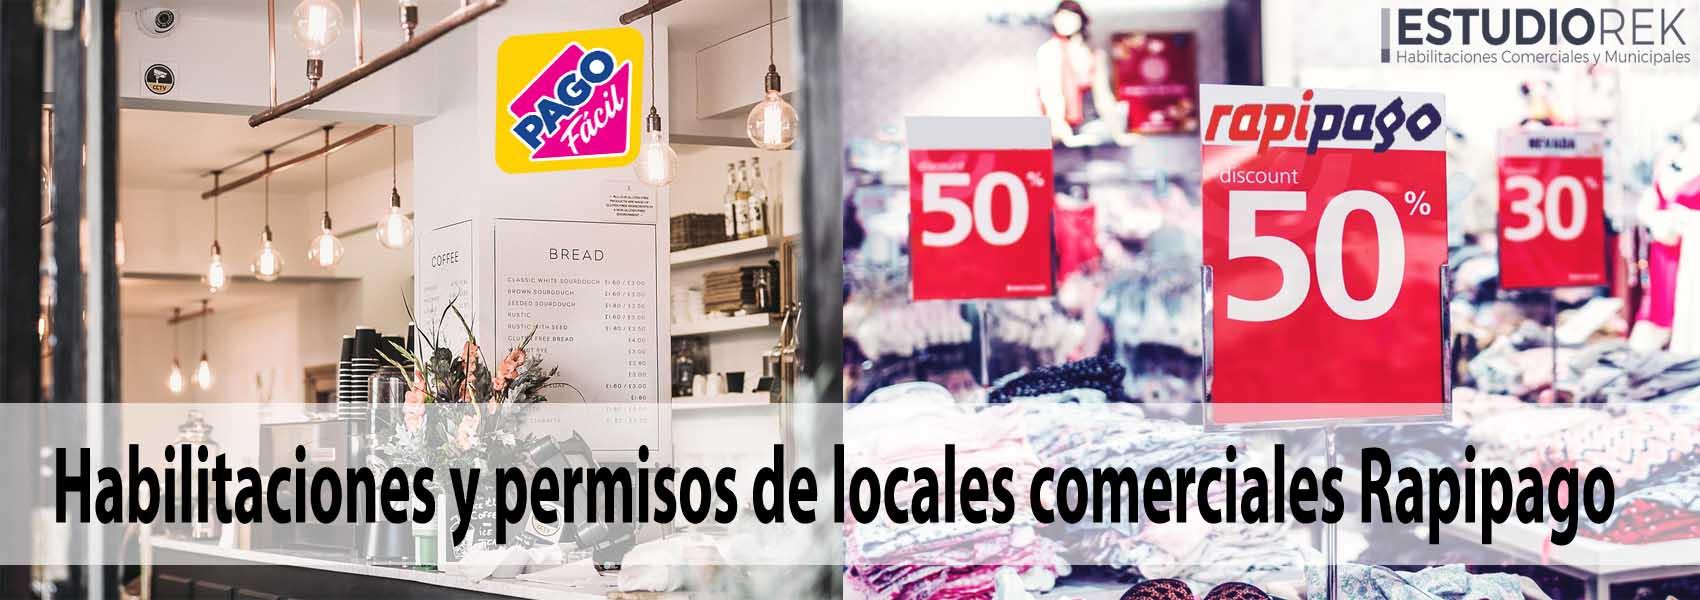 Habilitaciones y permisos de locales comerciales Rapipago